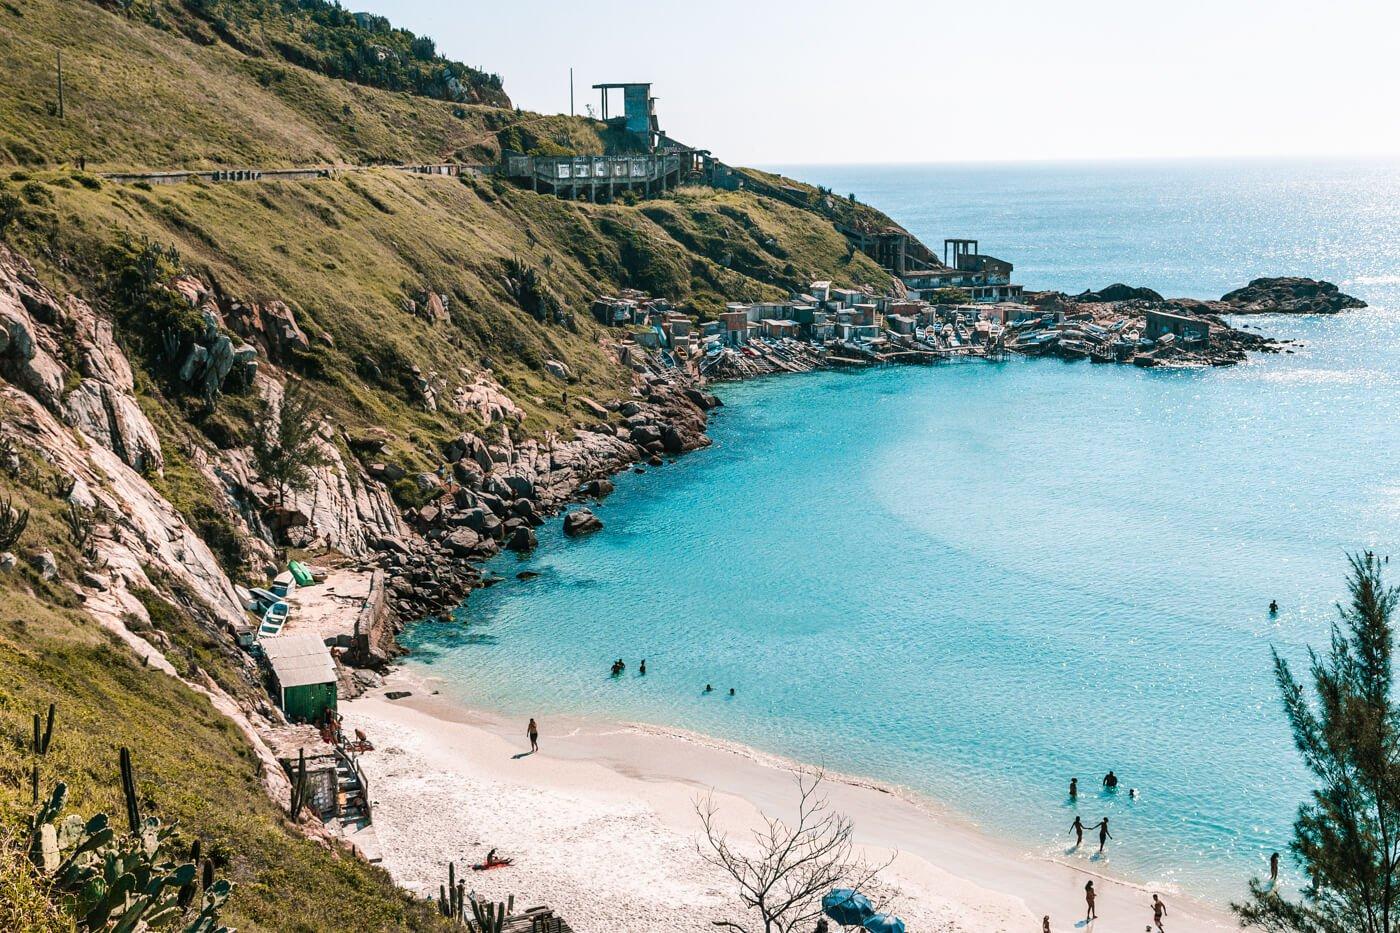 Canto esquerdo da Praia Grande, onde está o Deck dos Pescadores e a Janela do Paraíso